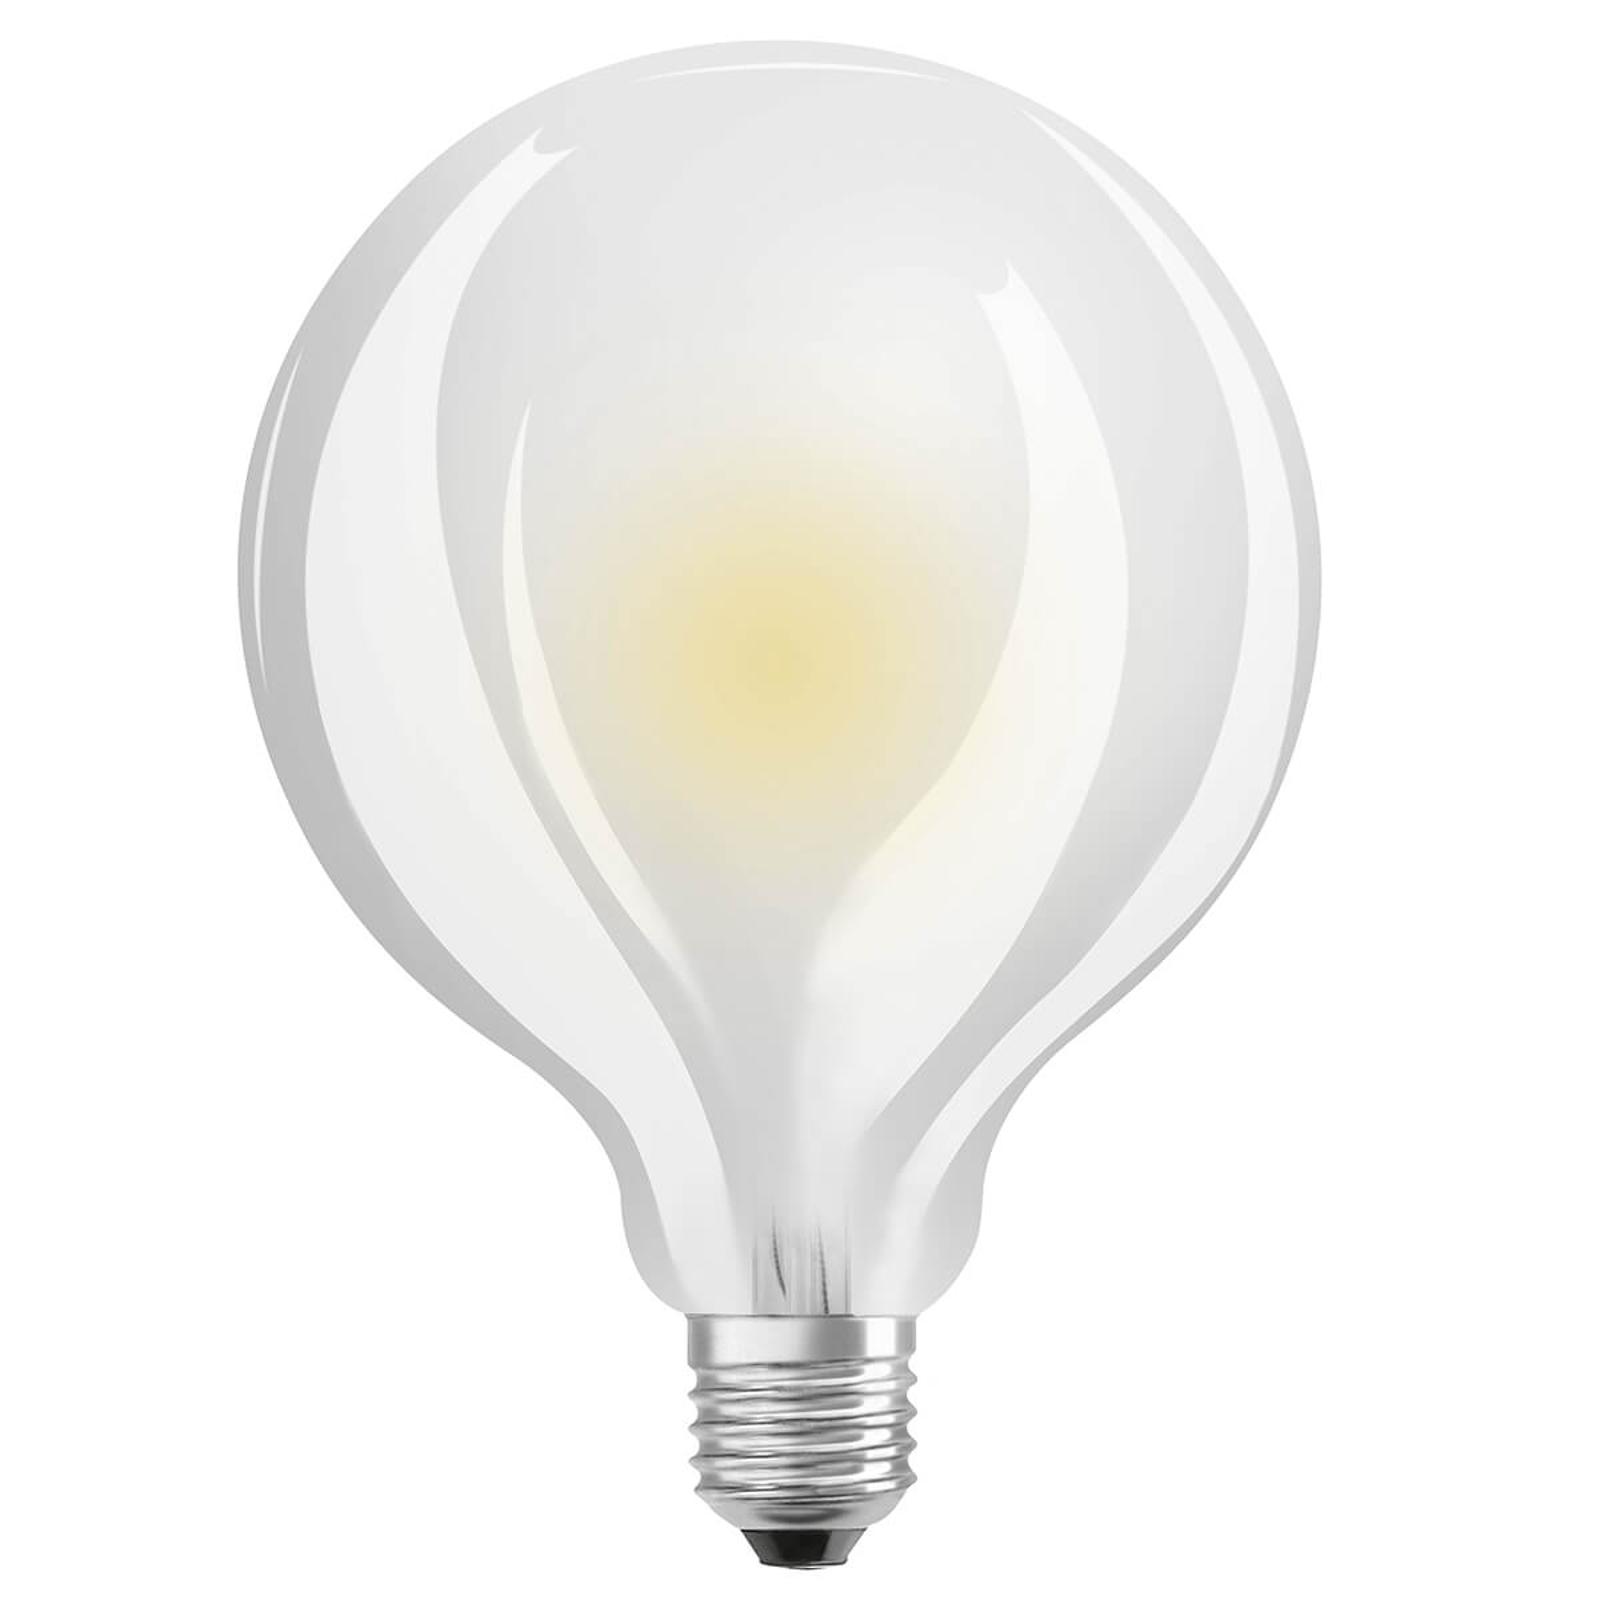 OSRAM 4058075808515 LED žárovky